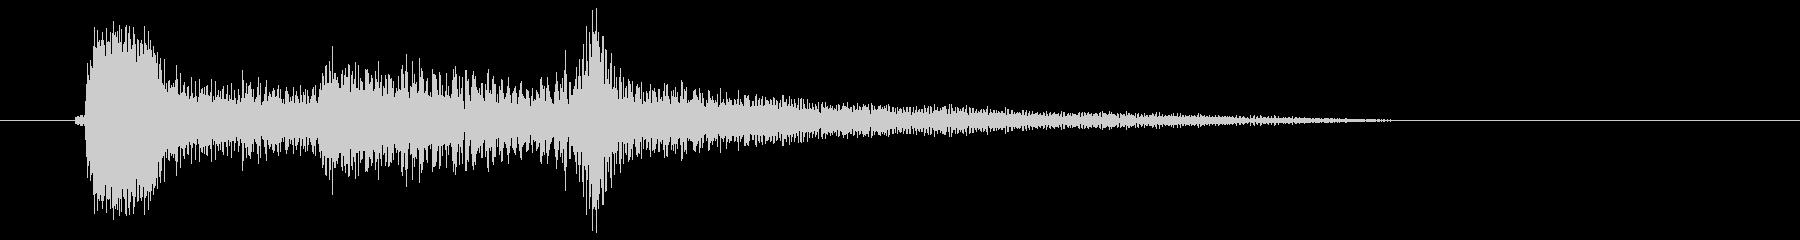 アコギ 回想シーン 切り替えの未再生の波形